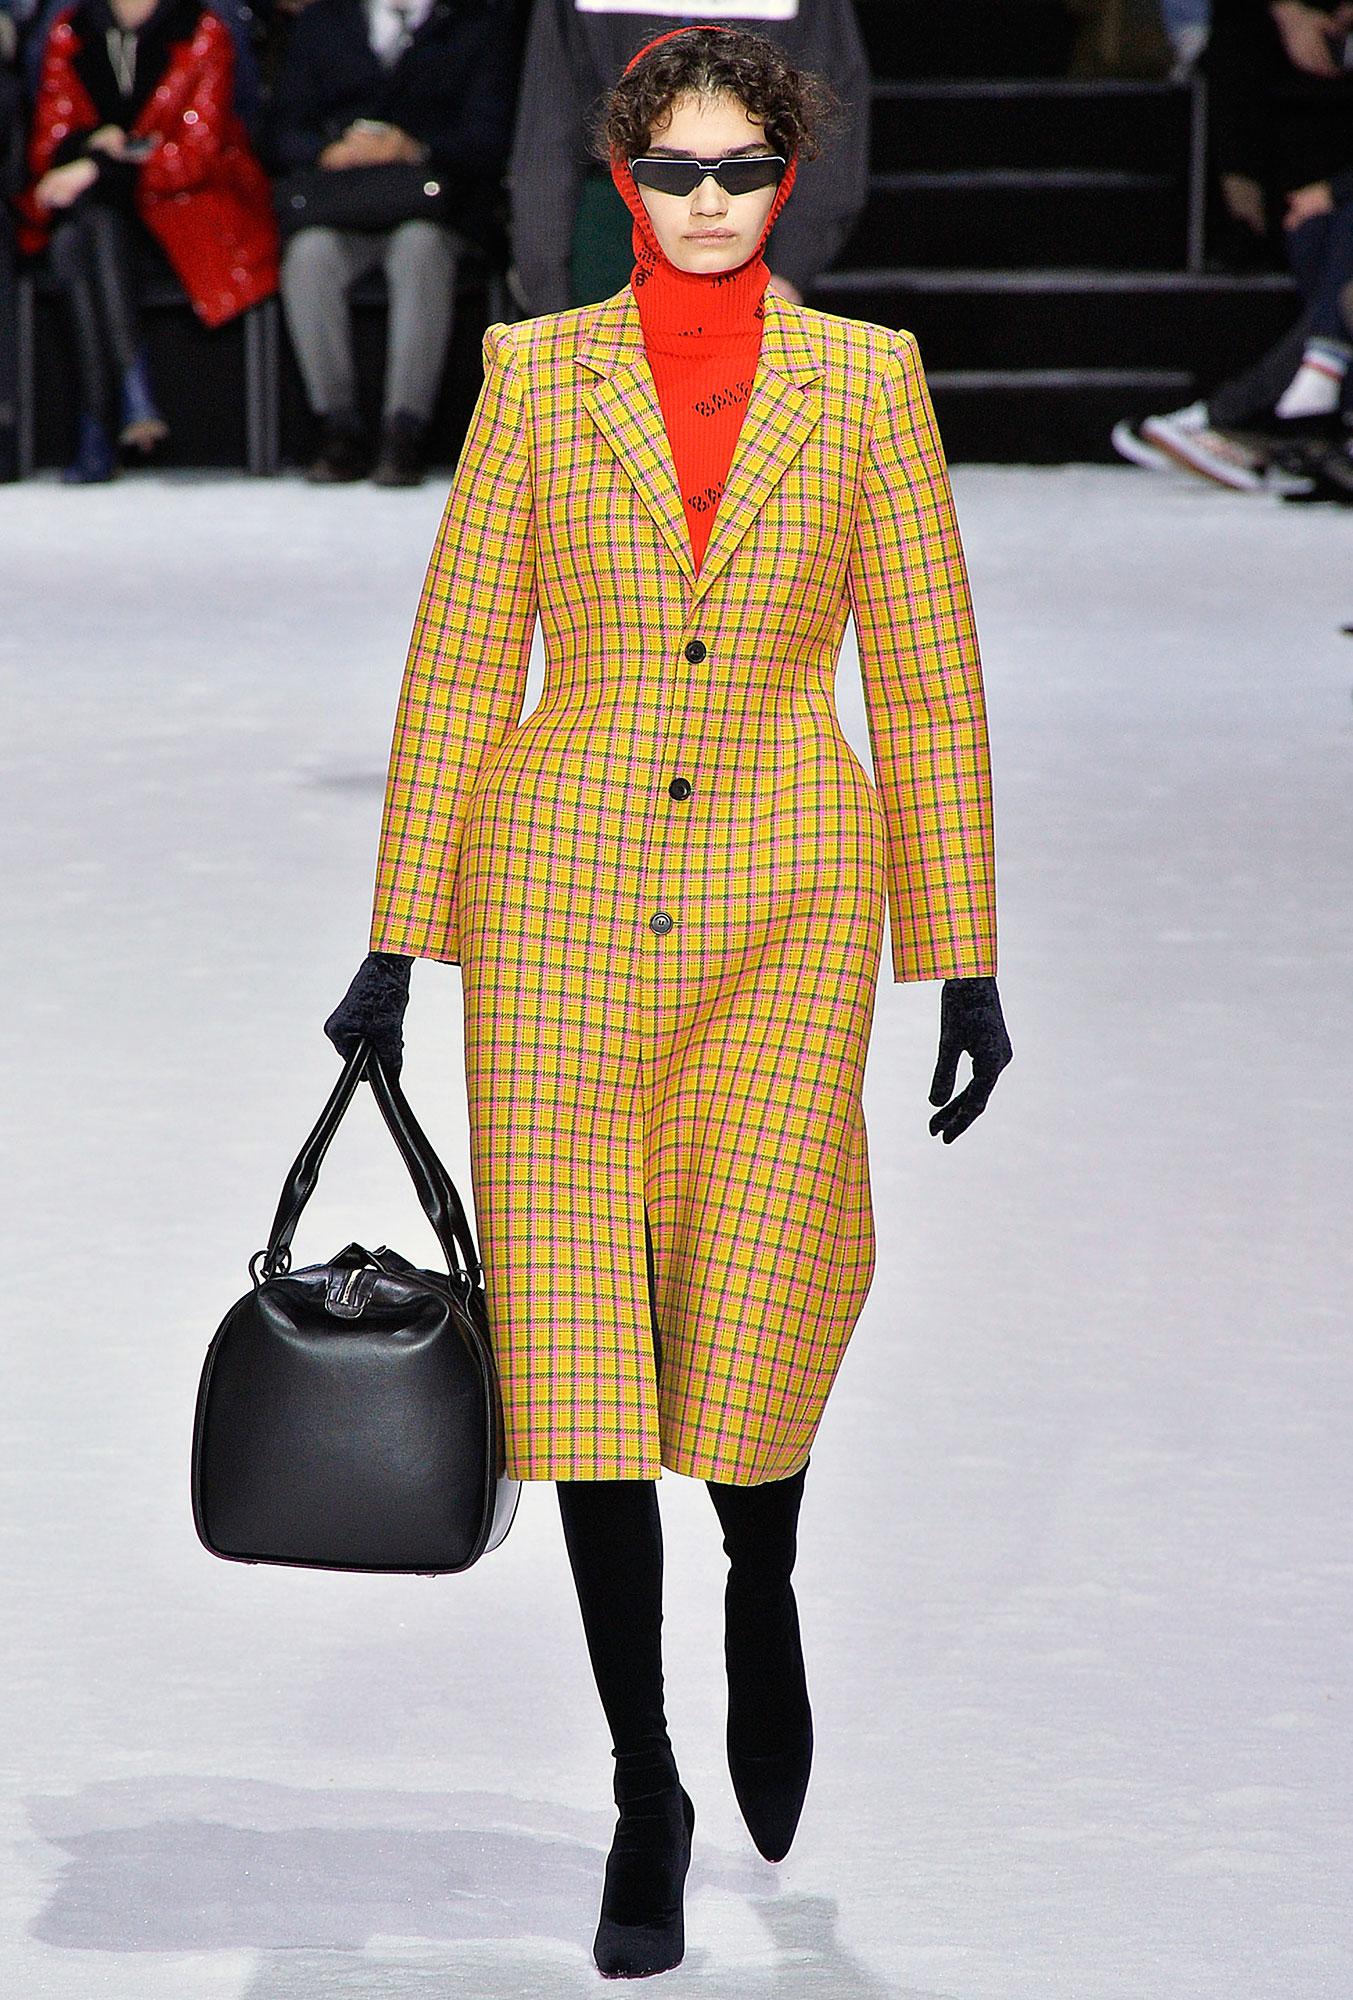 Cardi B Balenciaga Mama Coat Runway